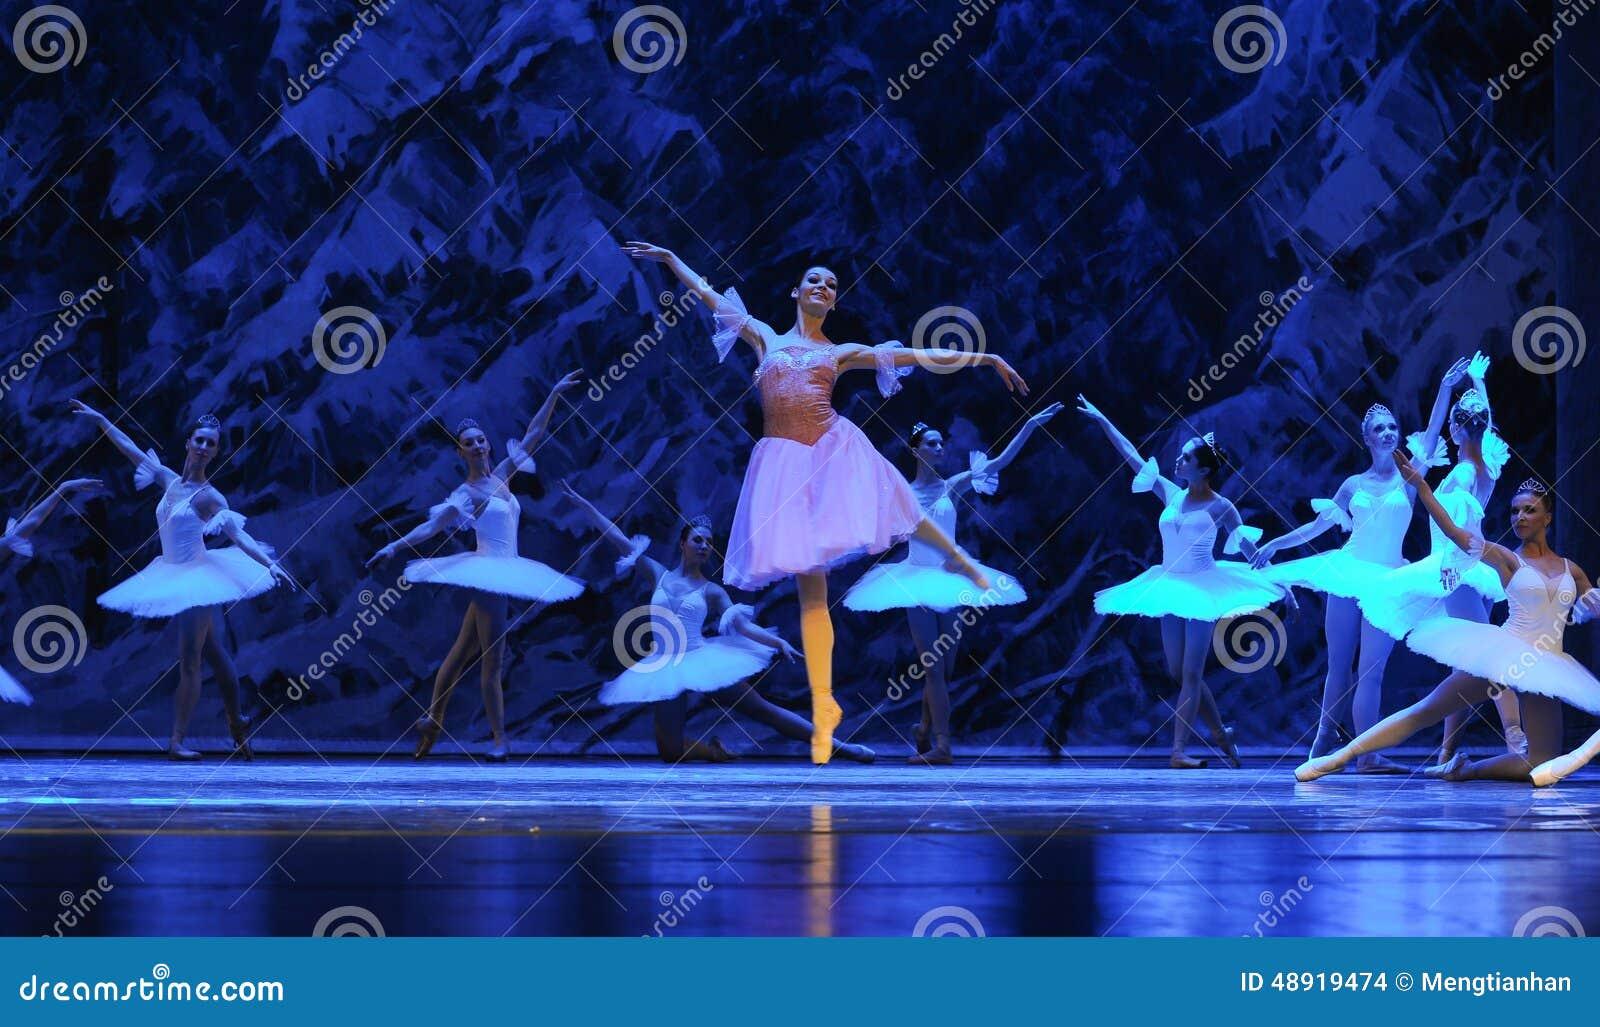 Clara kwam aan het koninkrijk van de ijs-eerste handeling van het vierde Land van de gebiedssneeuw - de Balletnotekraker